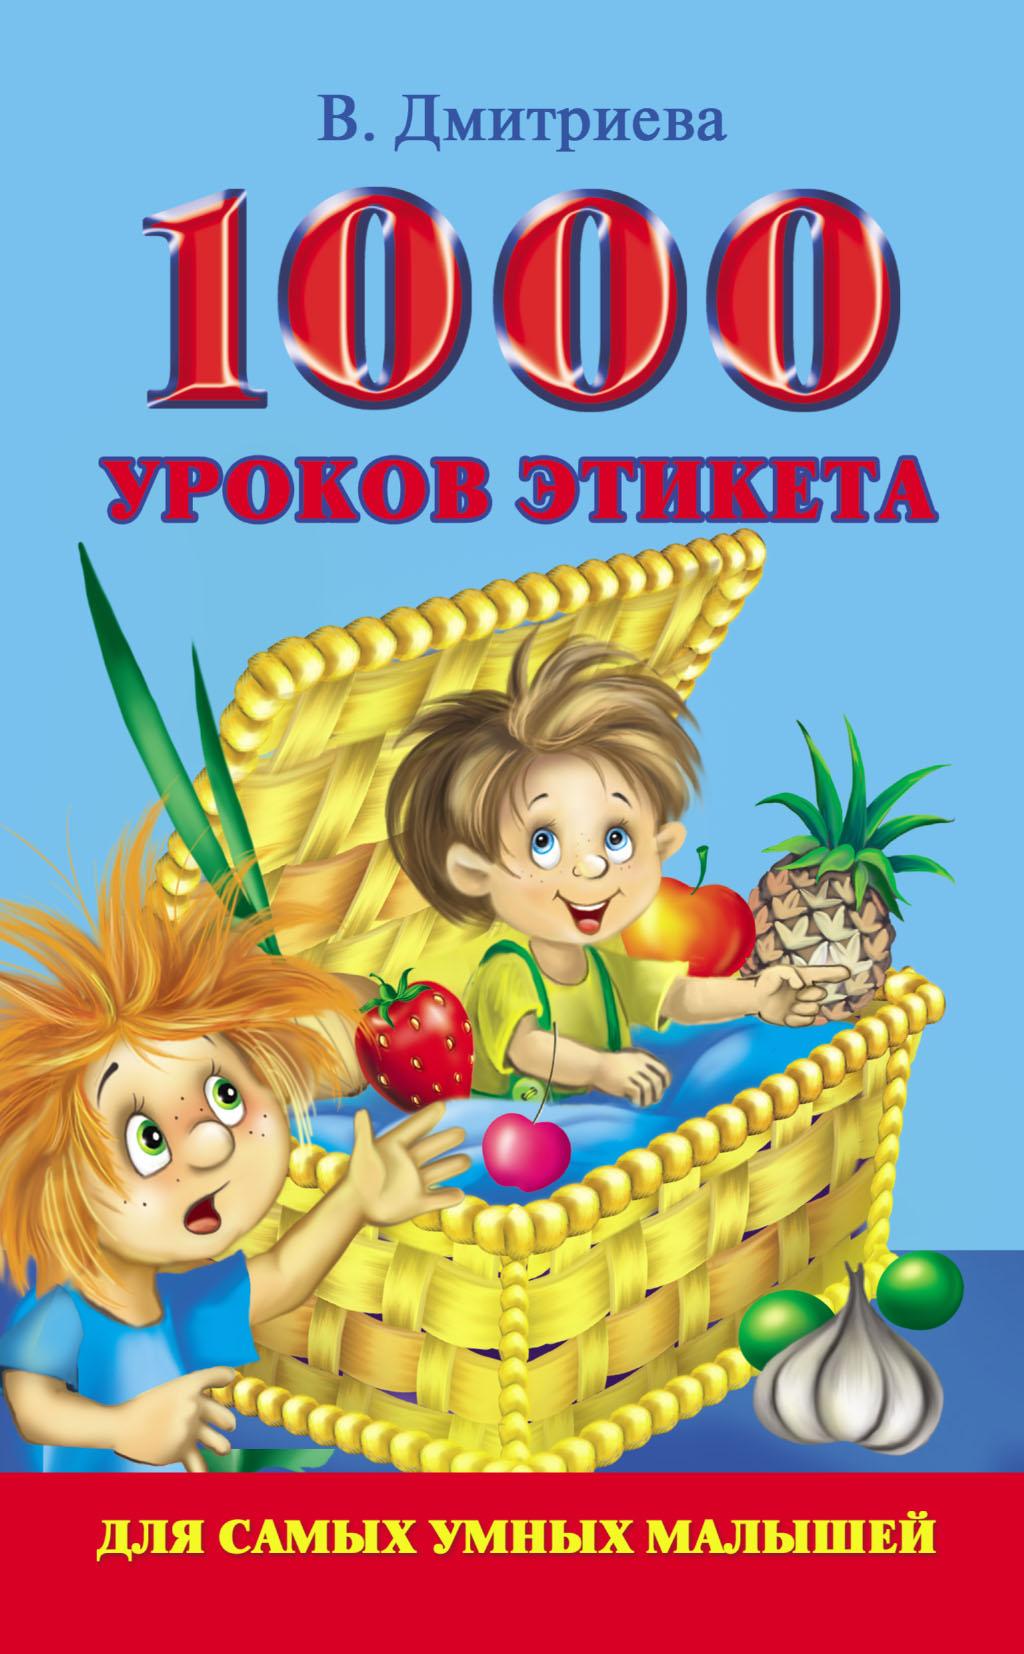 В. Г. Дмитриева 1000 уроков этикета для самых умных малышей дмитриева в г емельянова татьяна александровна веселые стихи